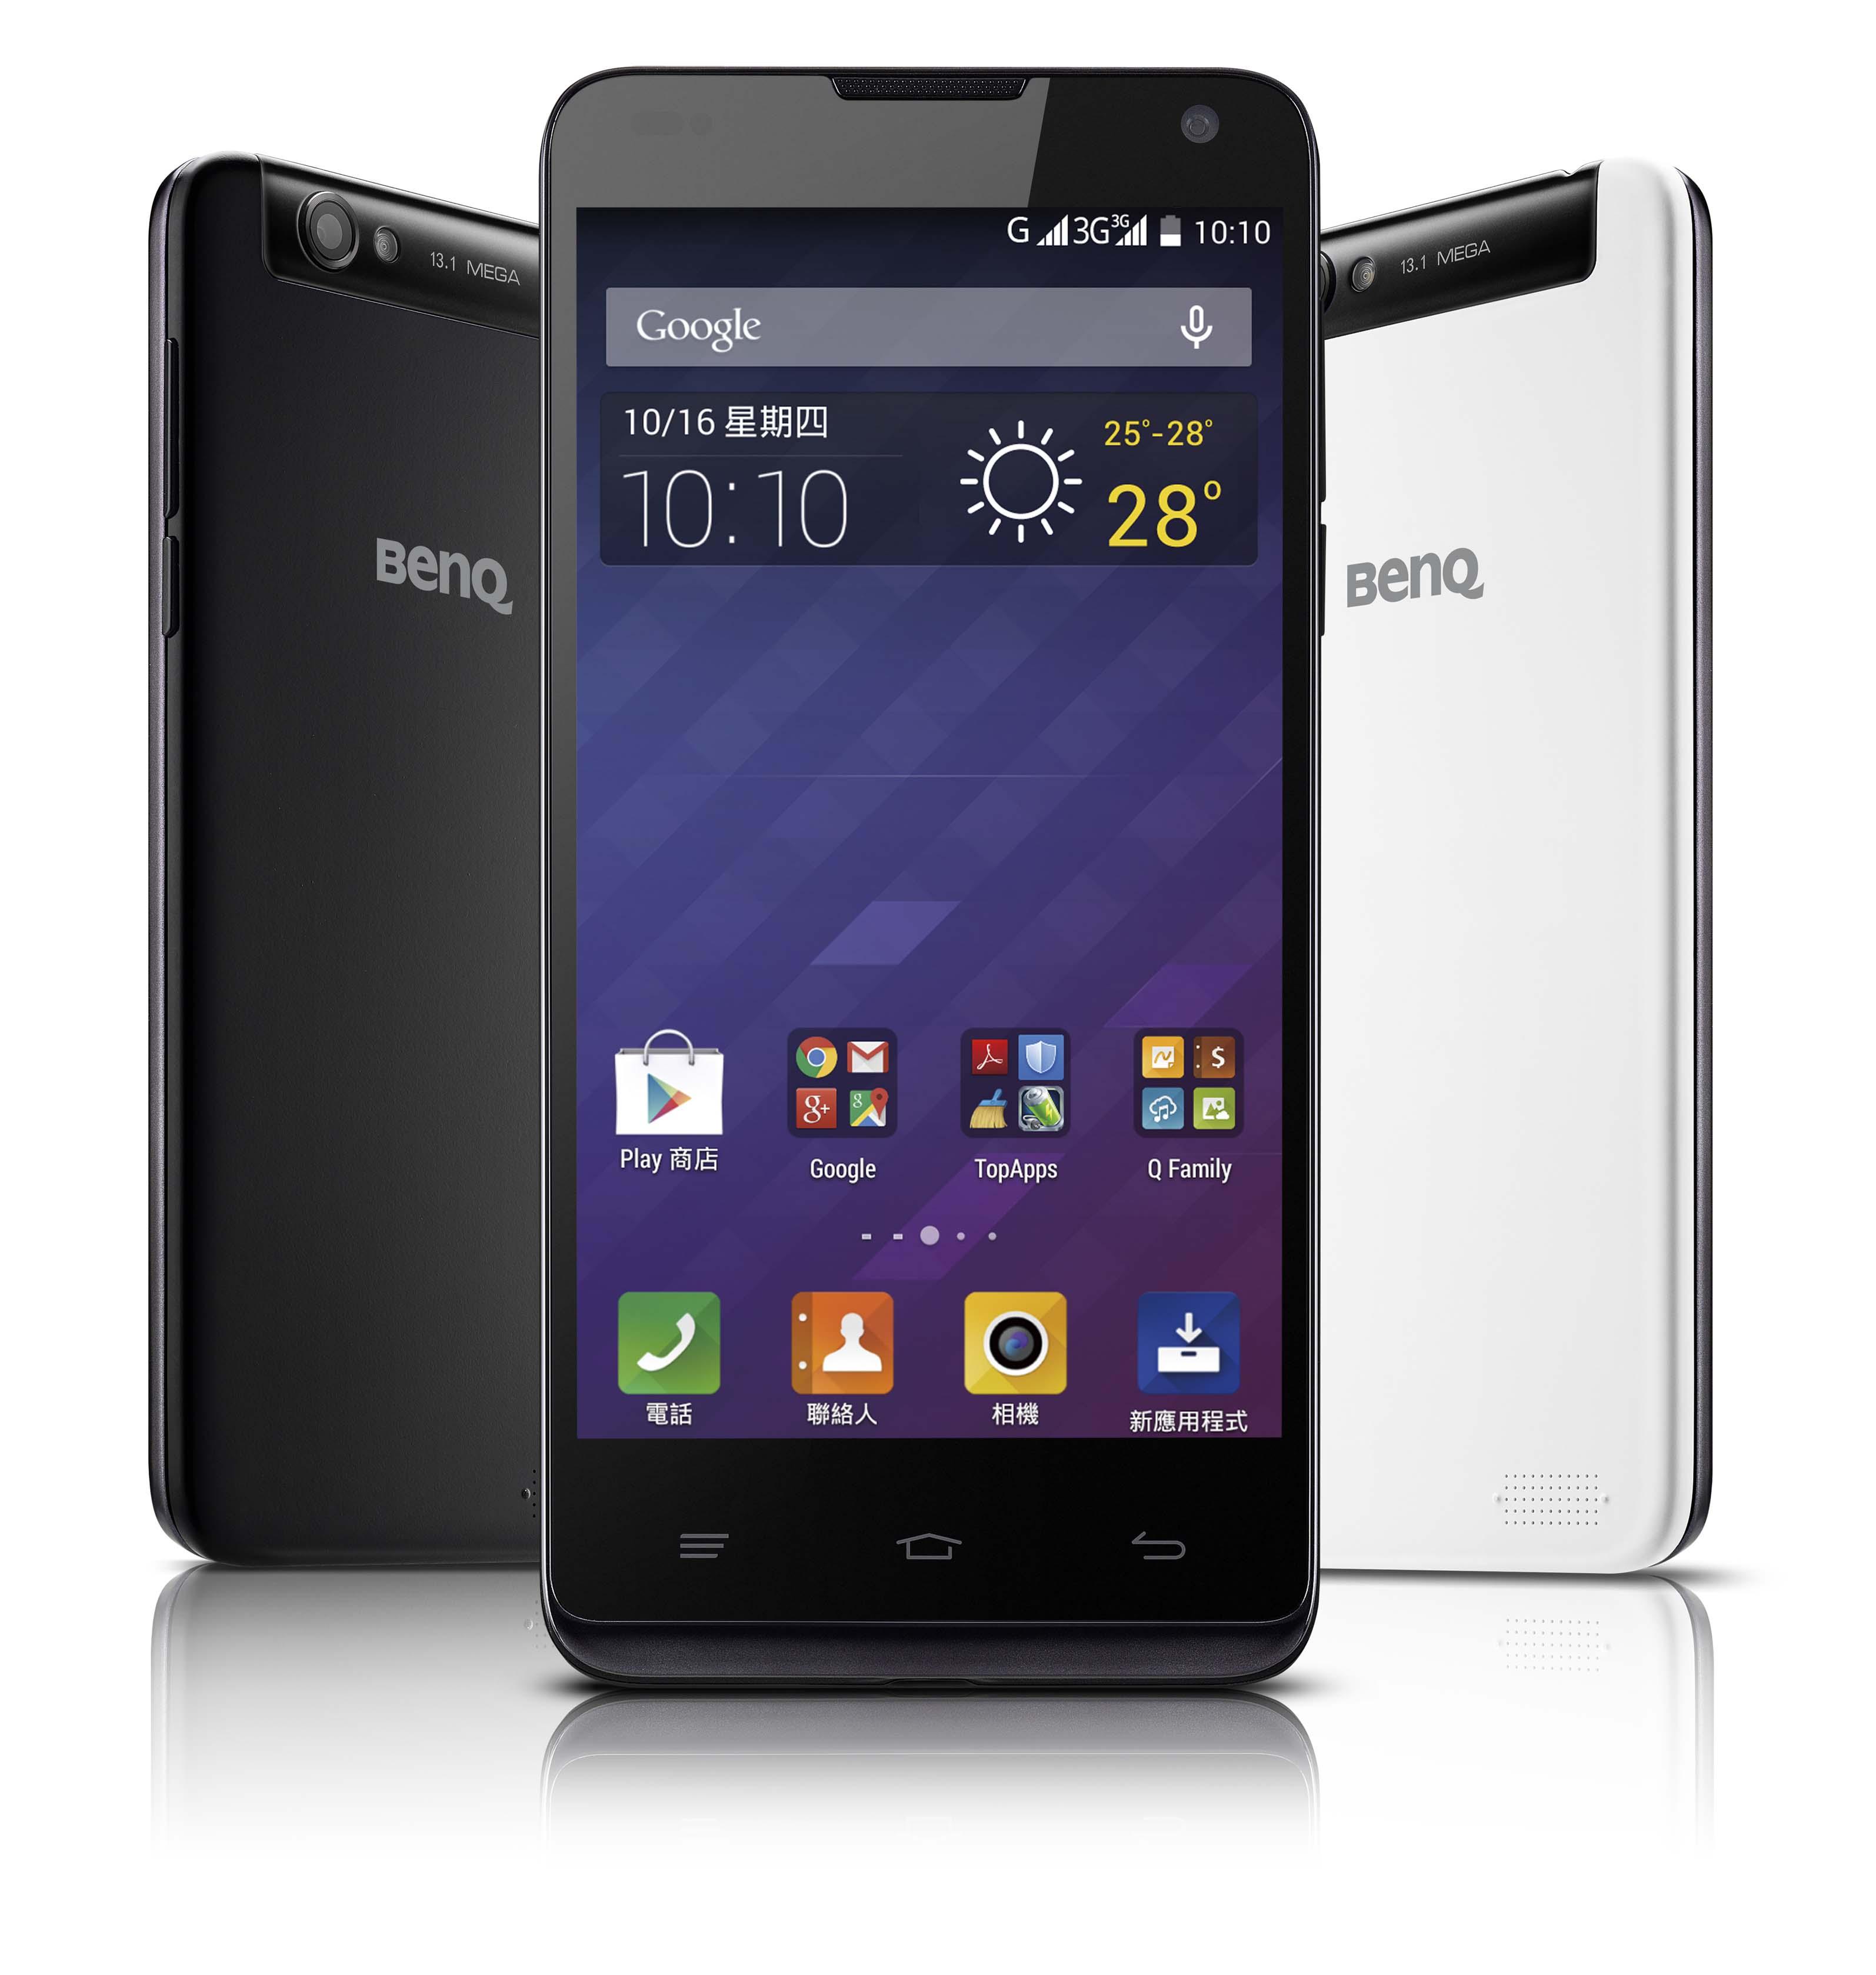 """BenQ 最新智慧型手機B502纖薄登場  雙卡雙待 美肌自拍 領""""纖""""自拍潮流"""